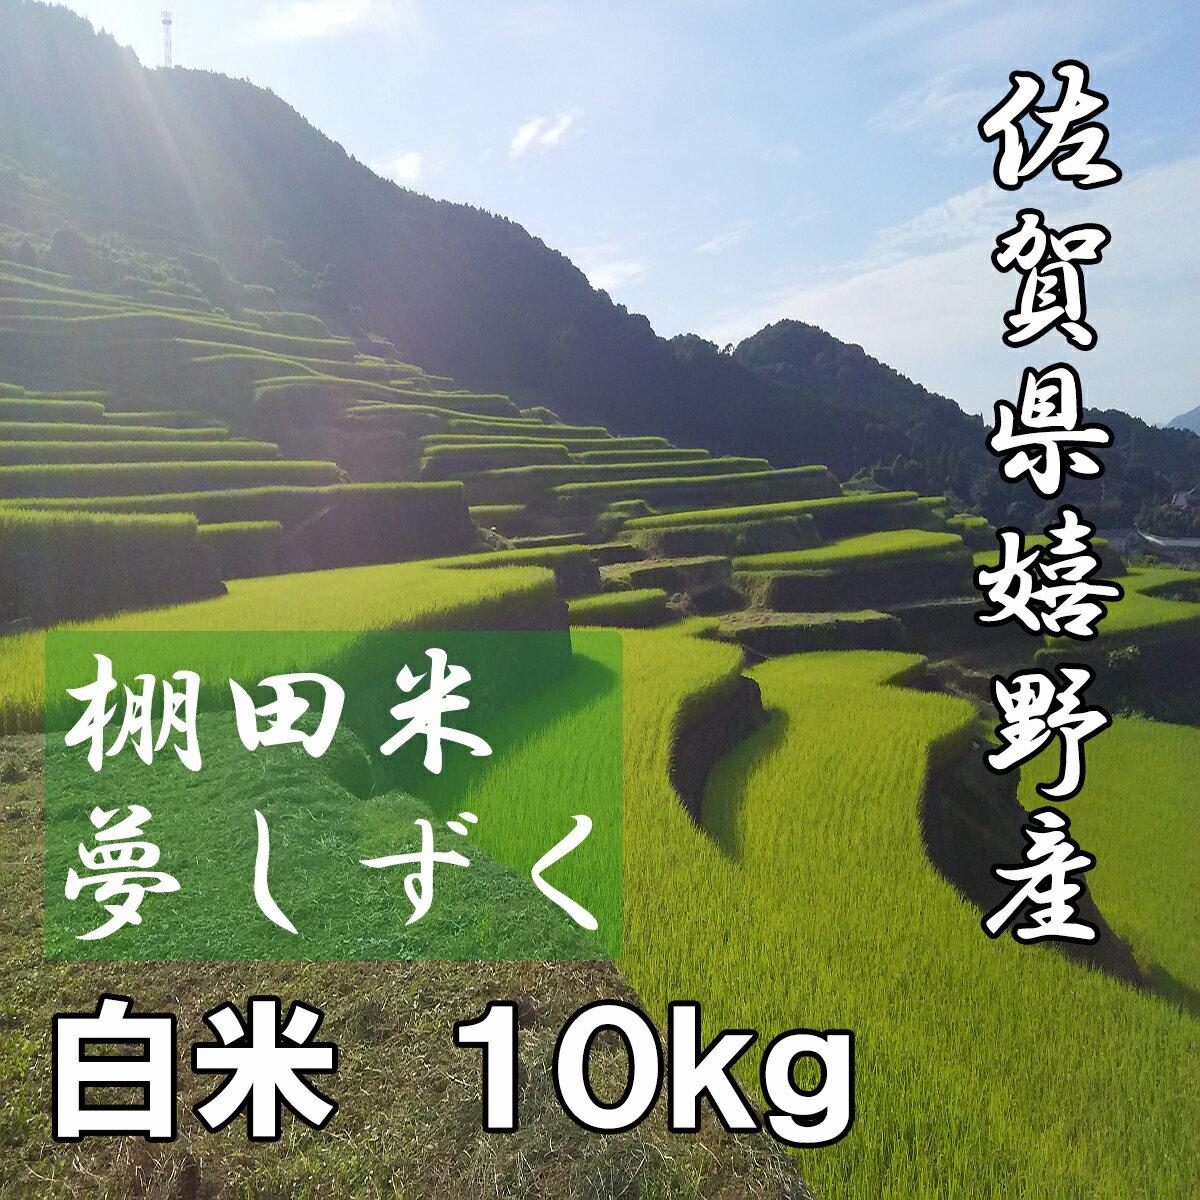 【30年産 新米予約 特A】【送料無料】佐賀県産 棚田米 夢しずく 白米10kg